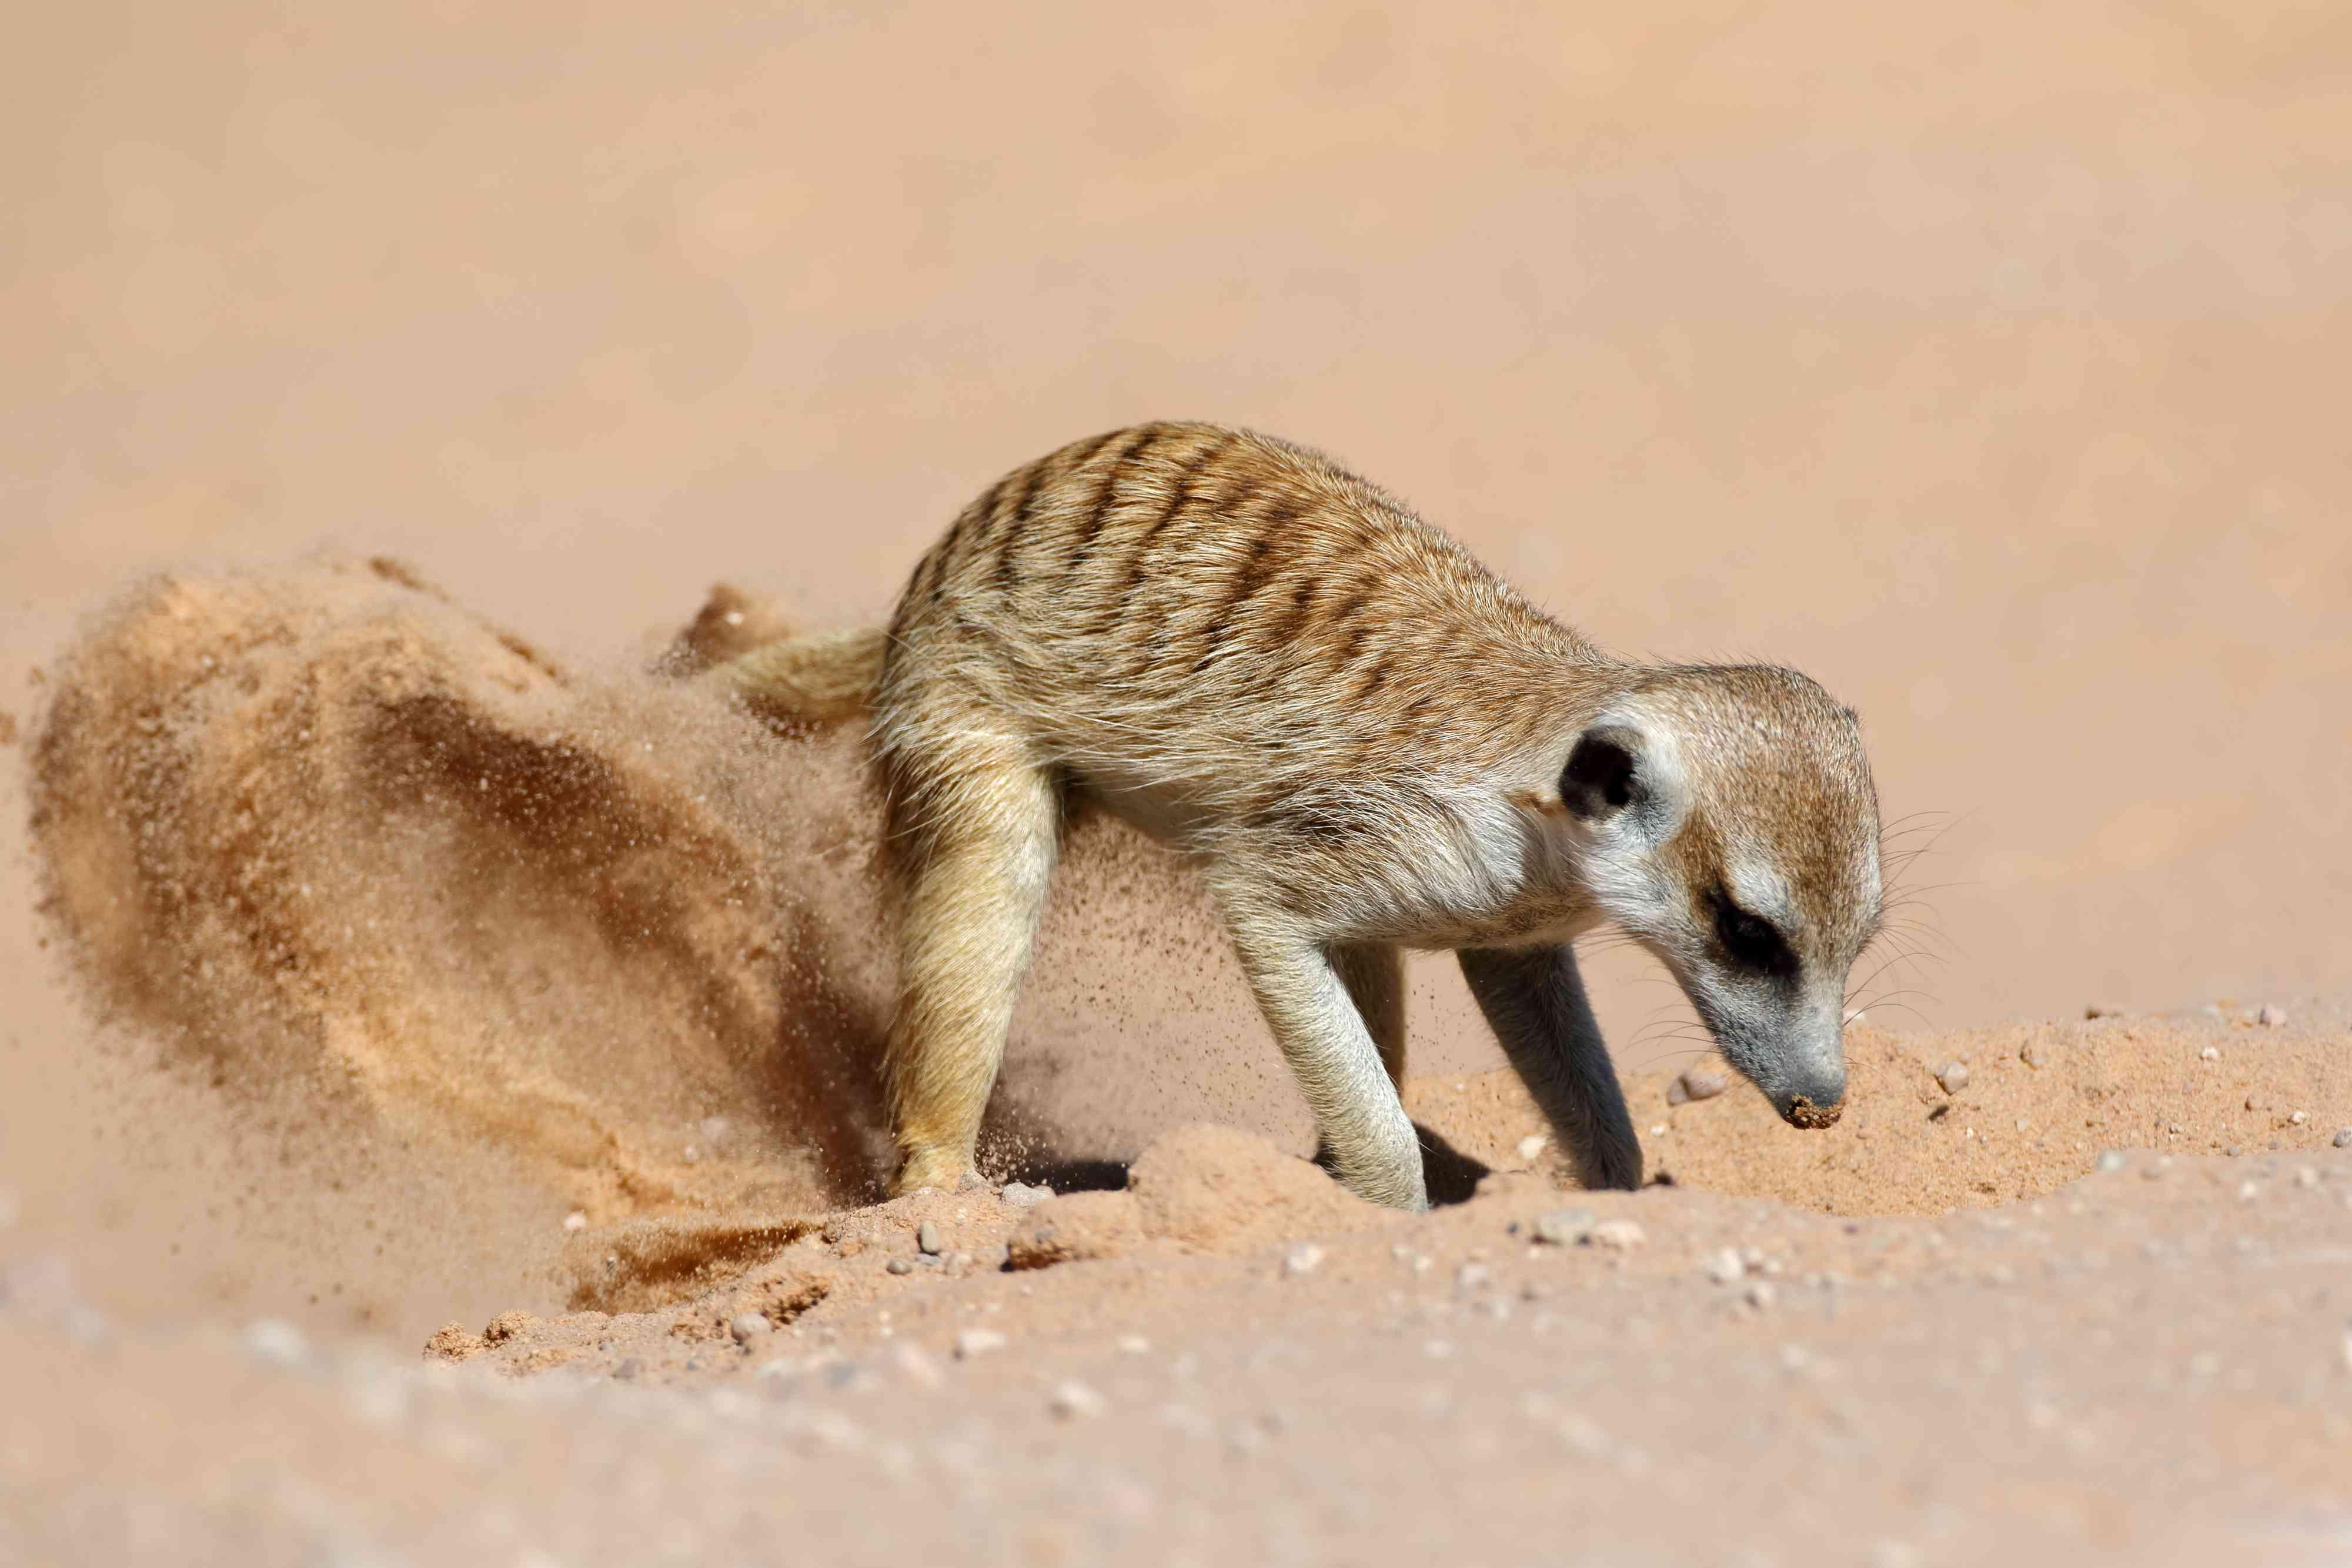 Meerkat Digging On Sand In Desert